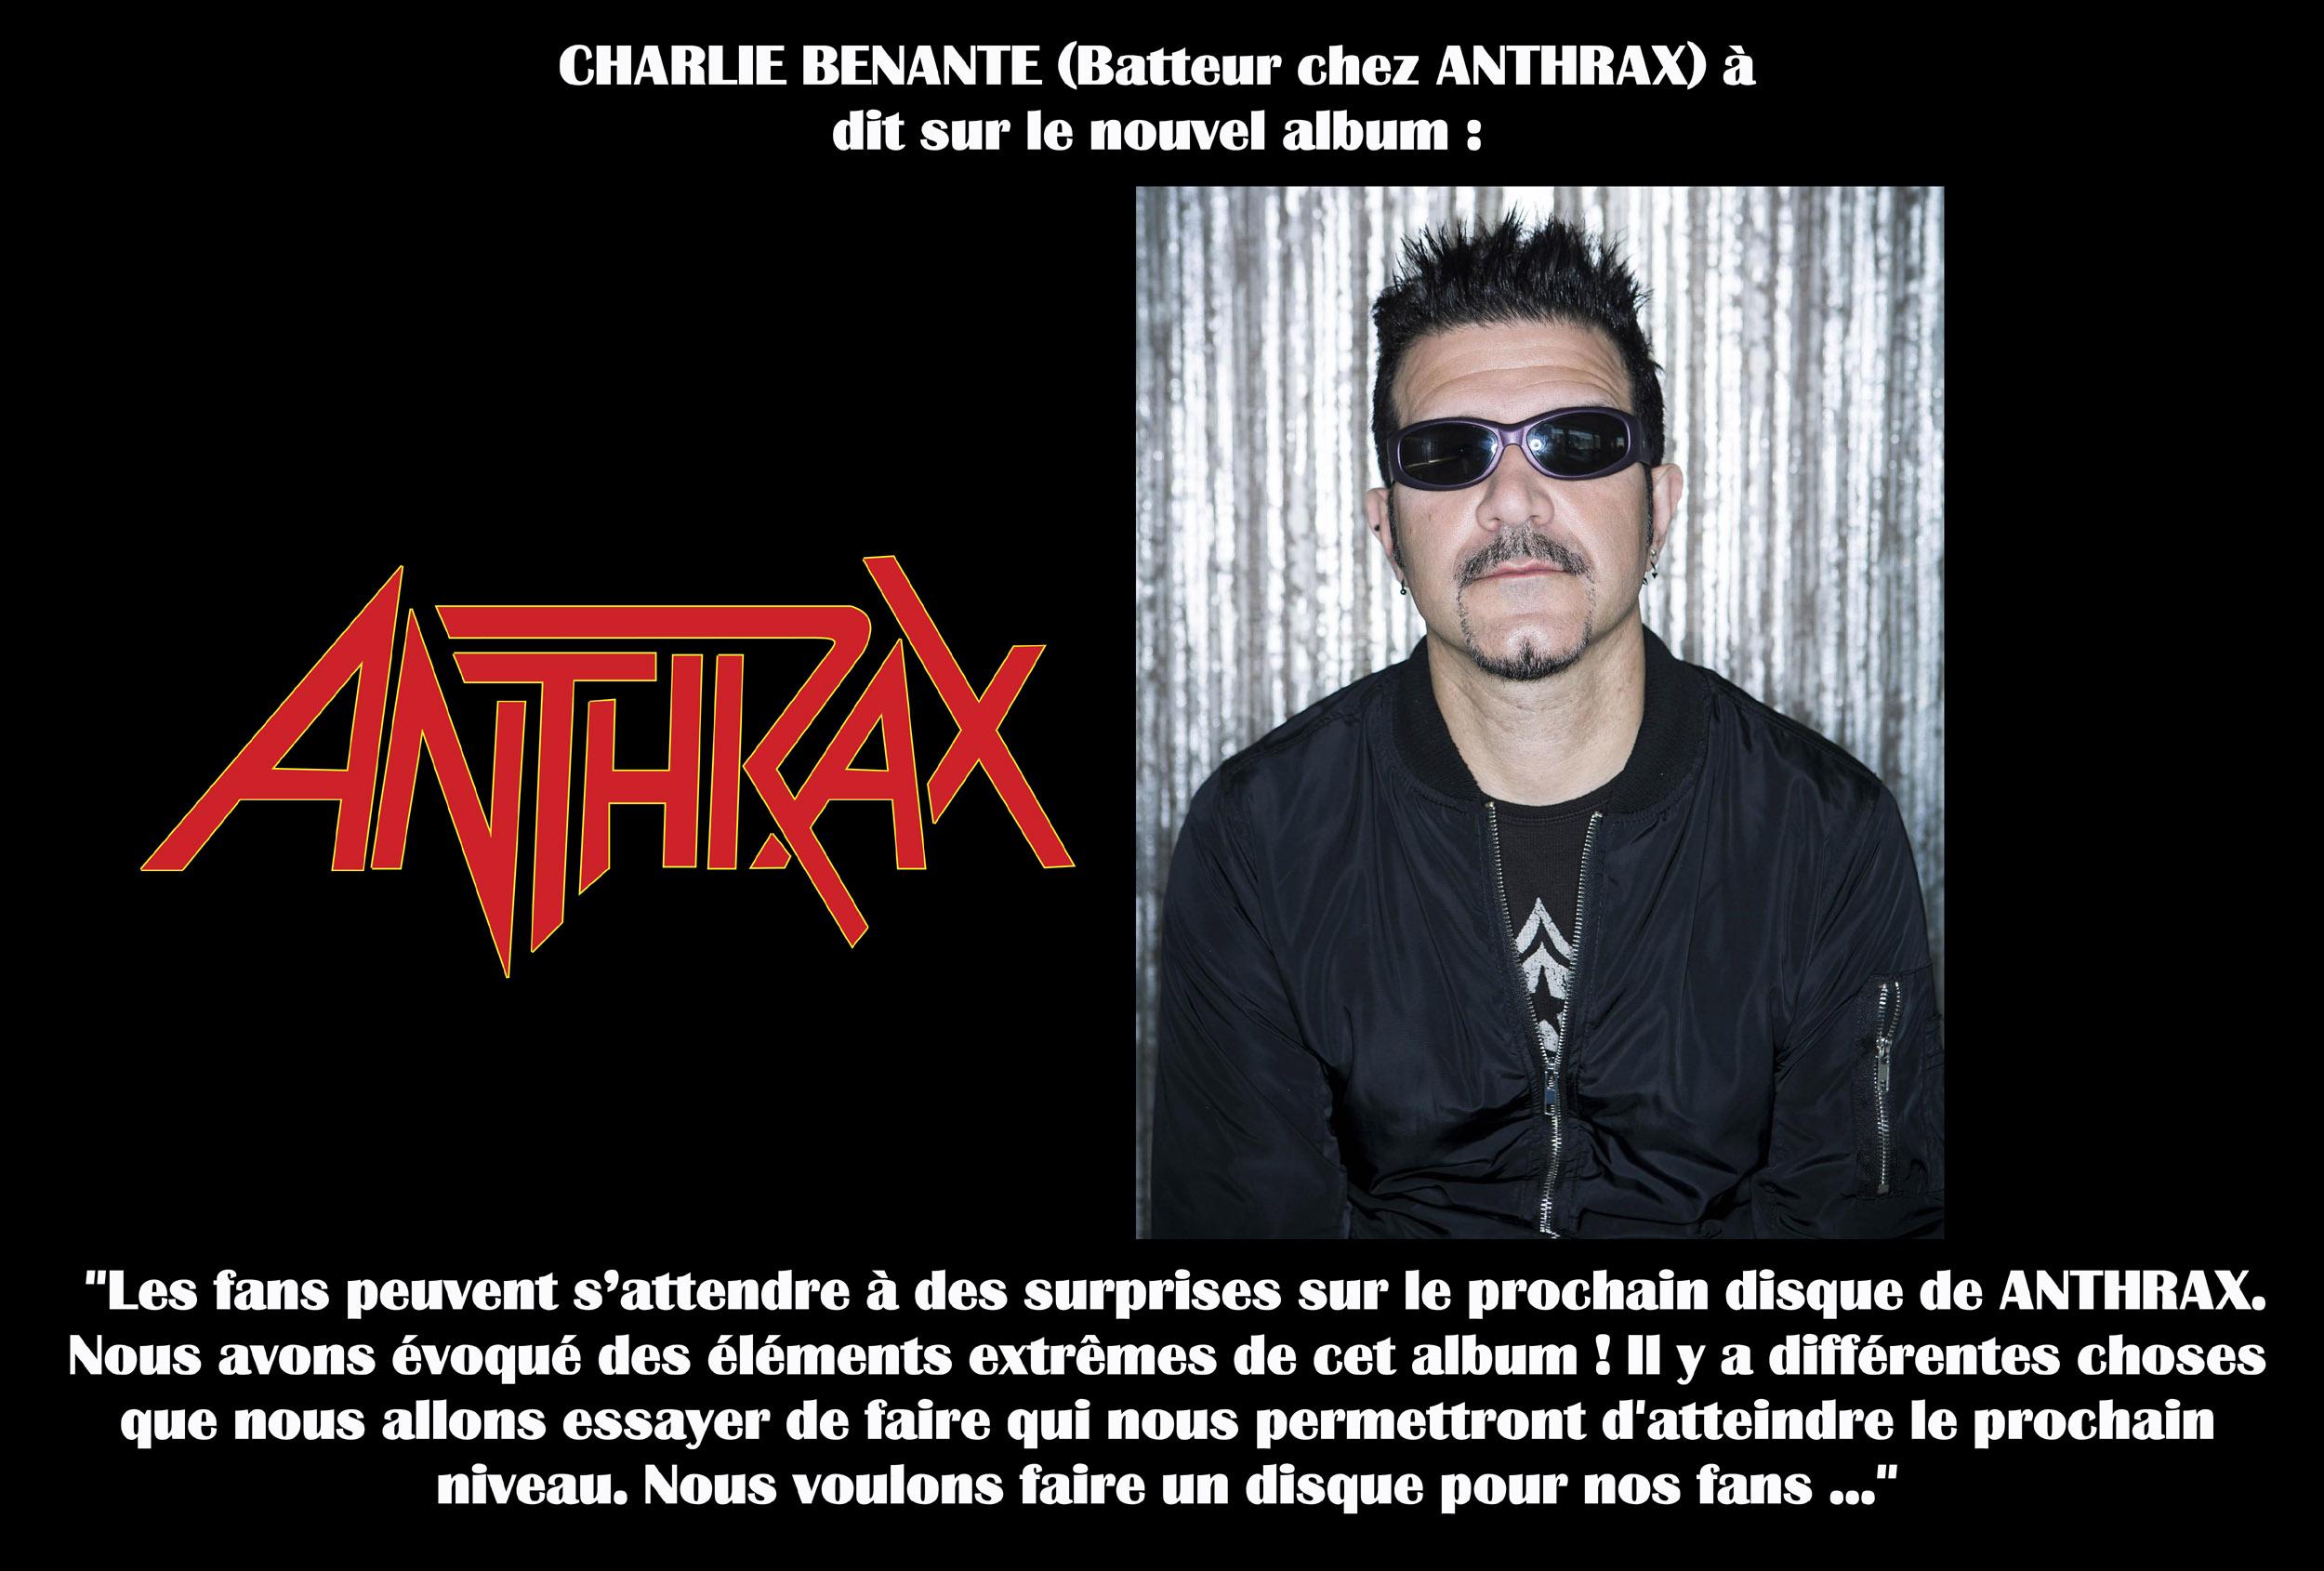 CHARLIE BENANTE (Batteur d'ANTHRAX) à dit ... sur le nouvel album. Anthra14